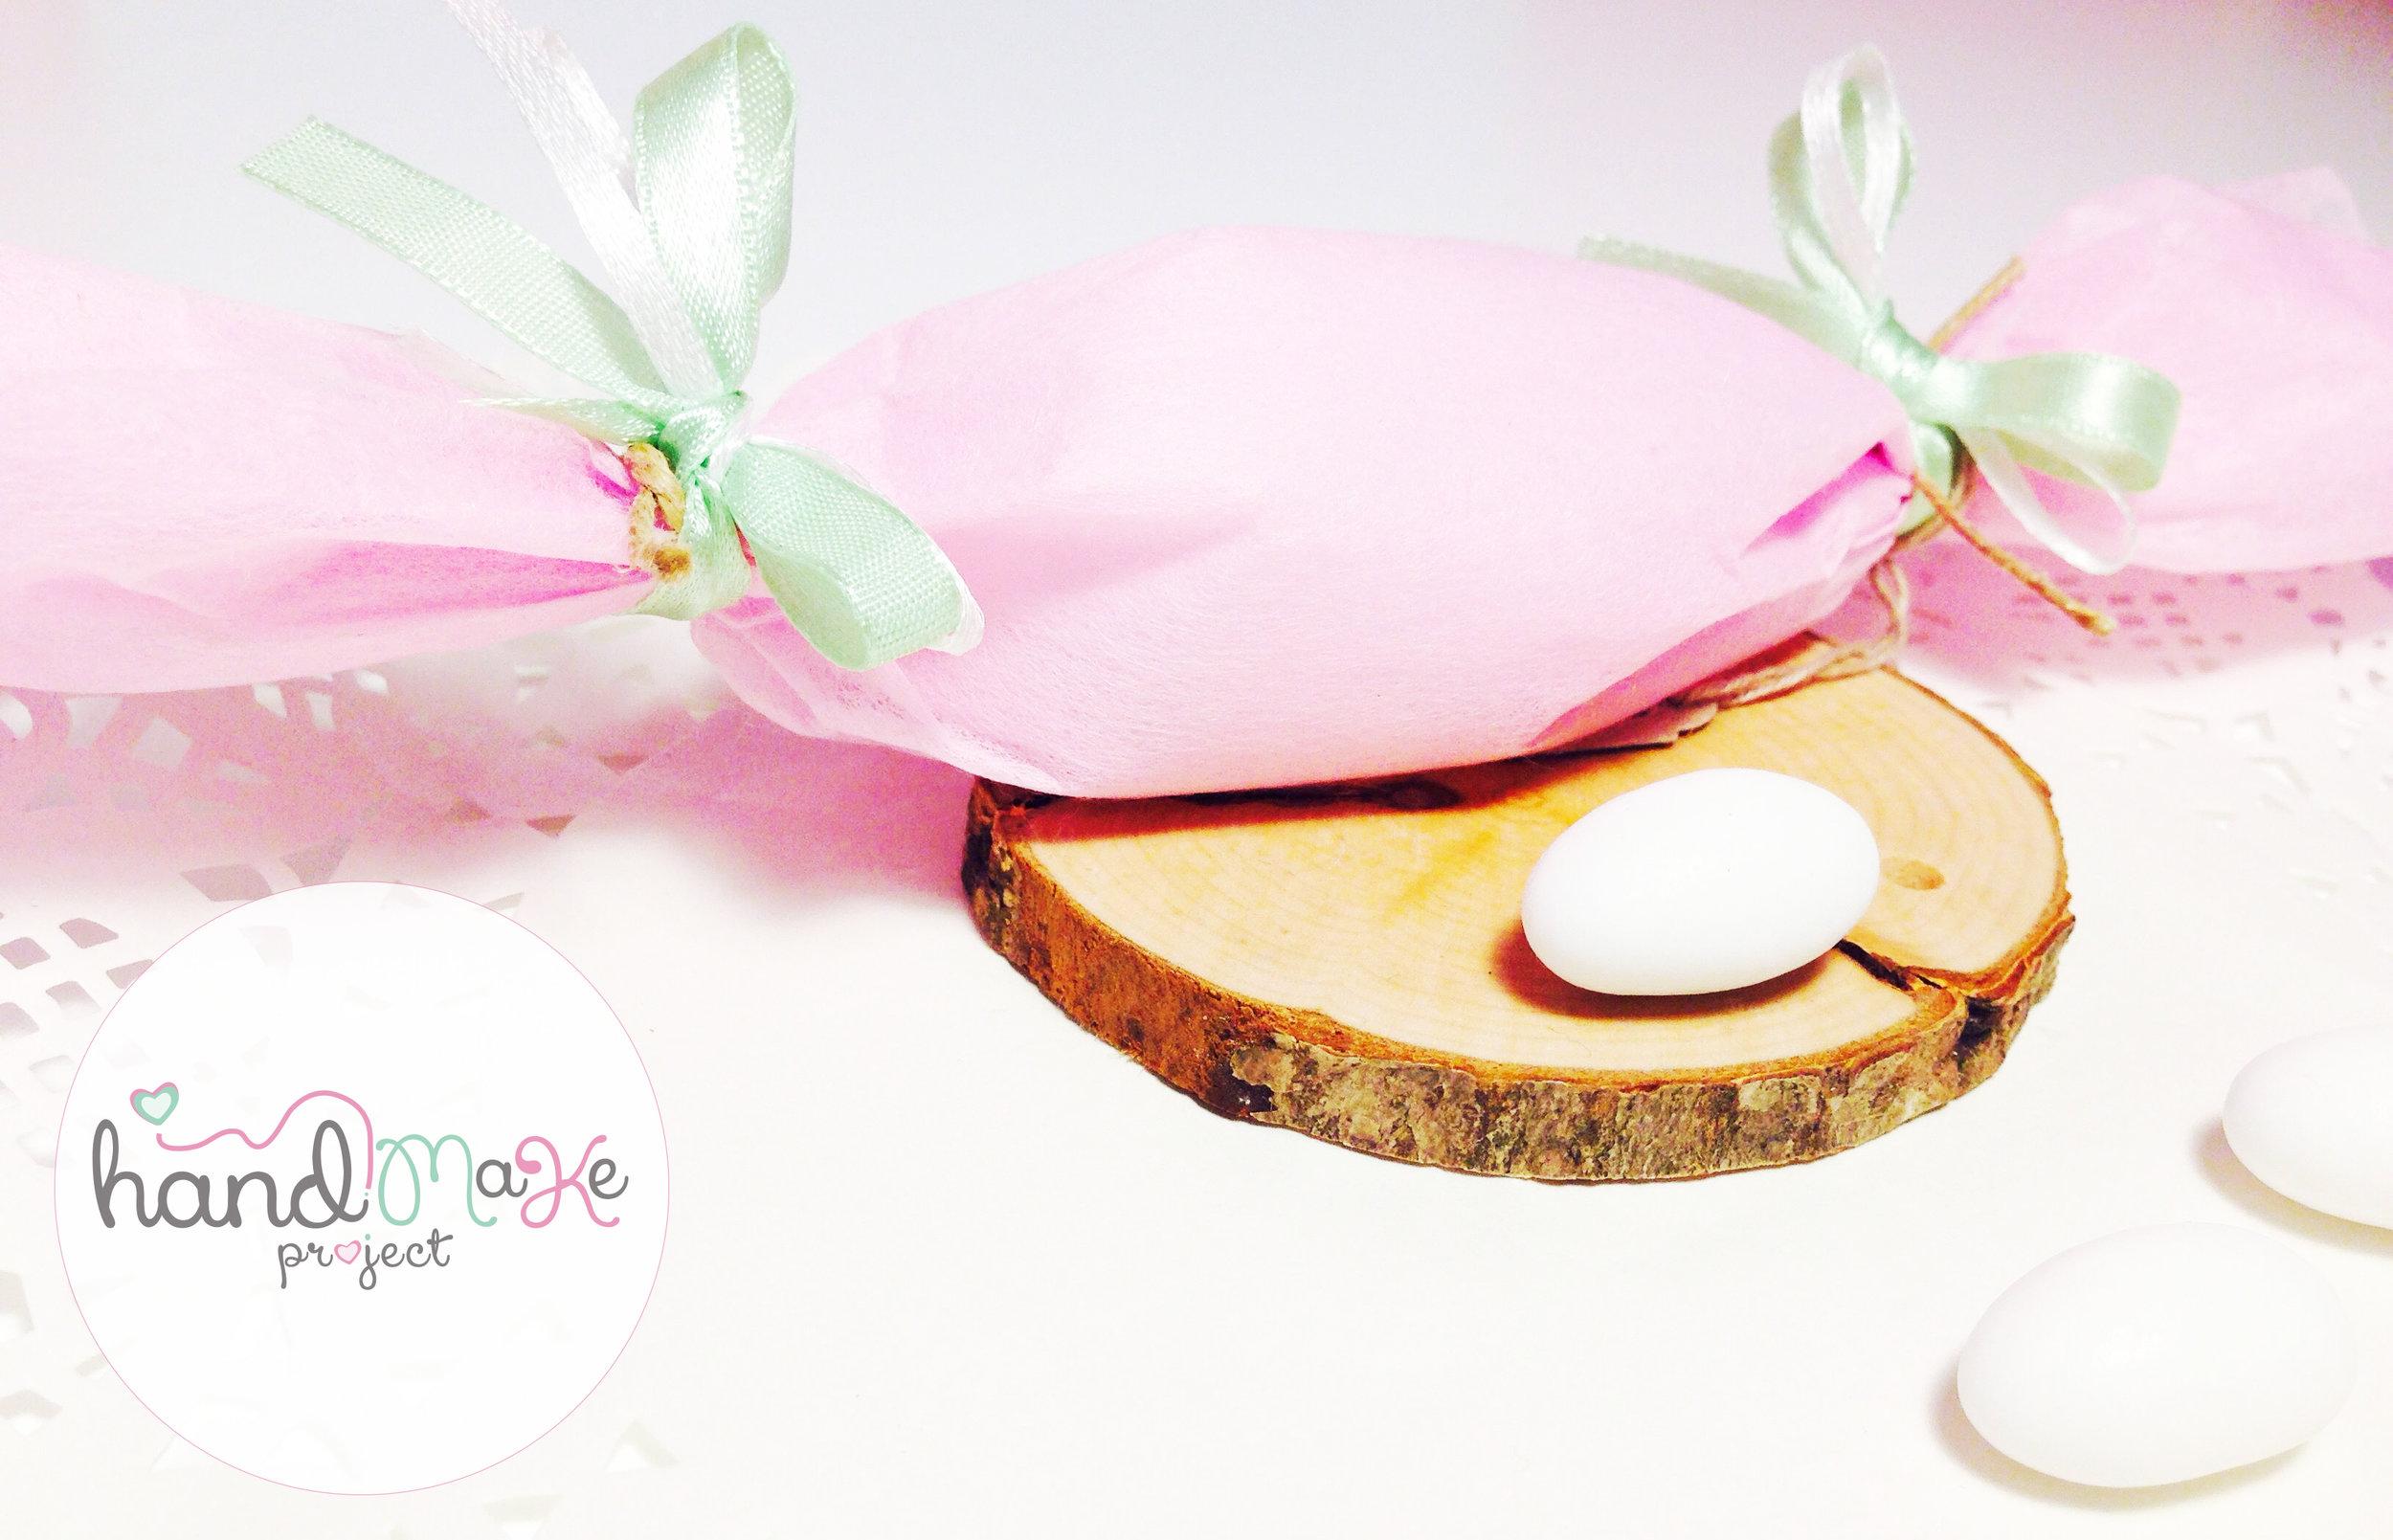 κωδικός ΟΒΒ_ 03 Collection ''Sweet Sugar''   Μπομπονιέρα σε σχήμα καραμέλας με ροζ non woven, κορδέλες σατέν σε λαχανί-λευκό και σπάγγο.